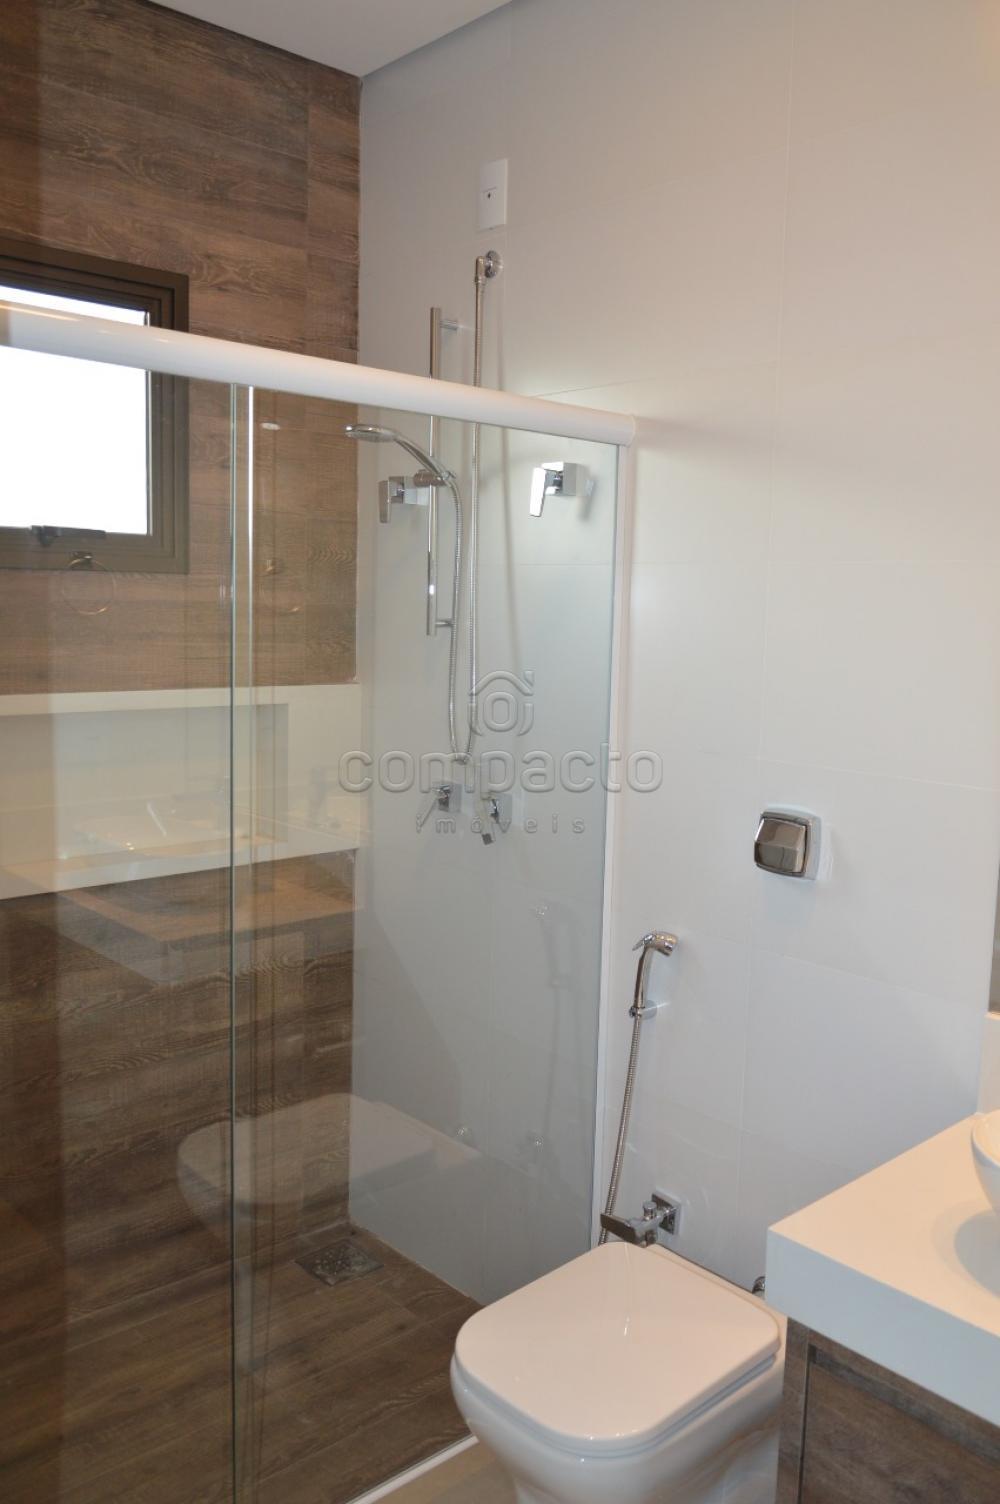 Comprar Casa / Condomínio em Mirassol apenas R$ 1.900.000,00 - Foto 33